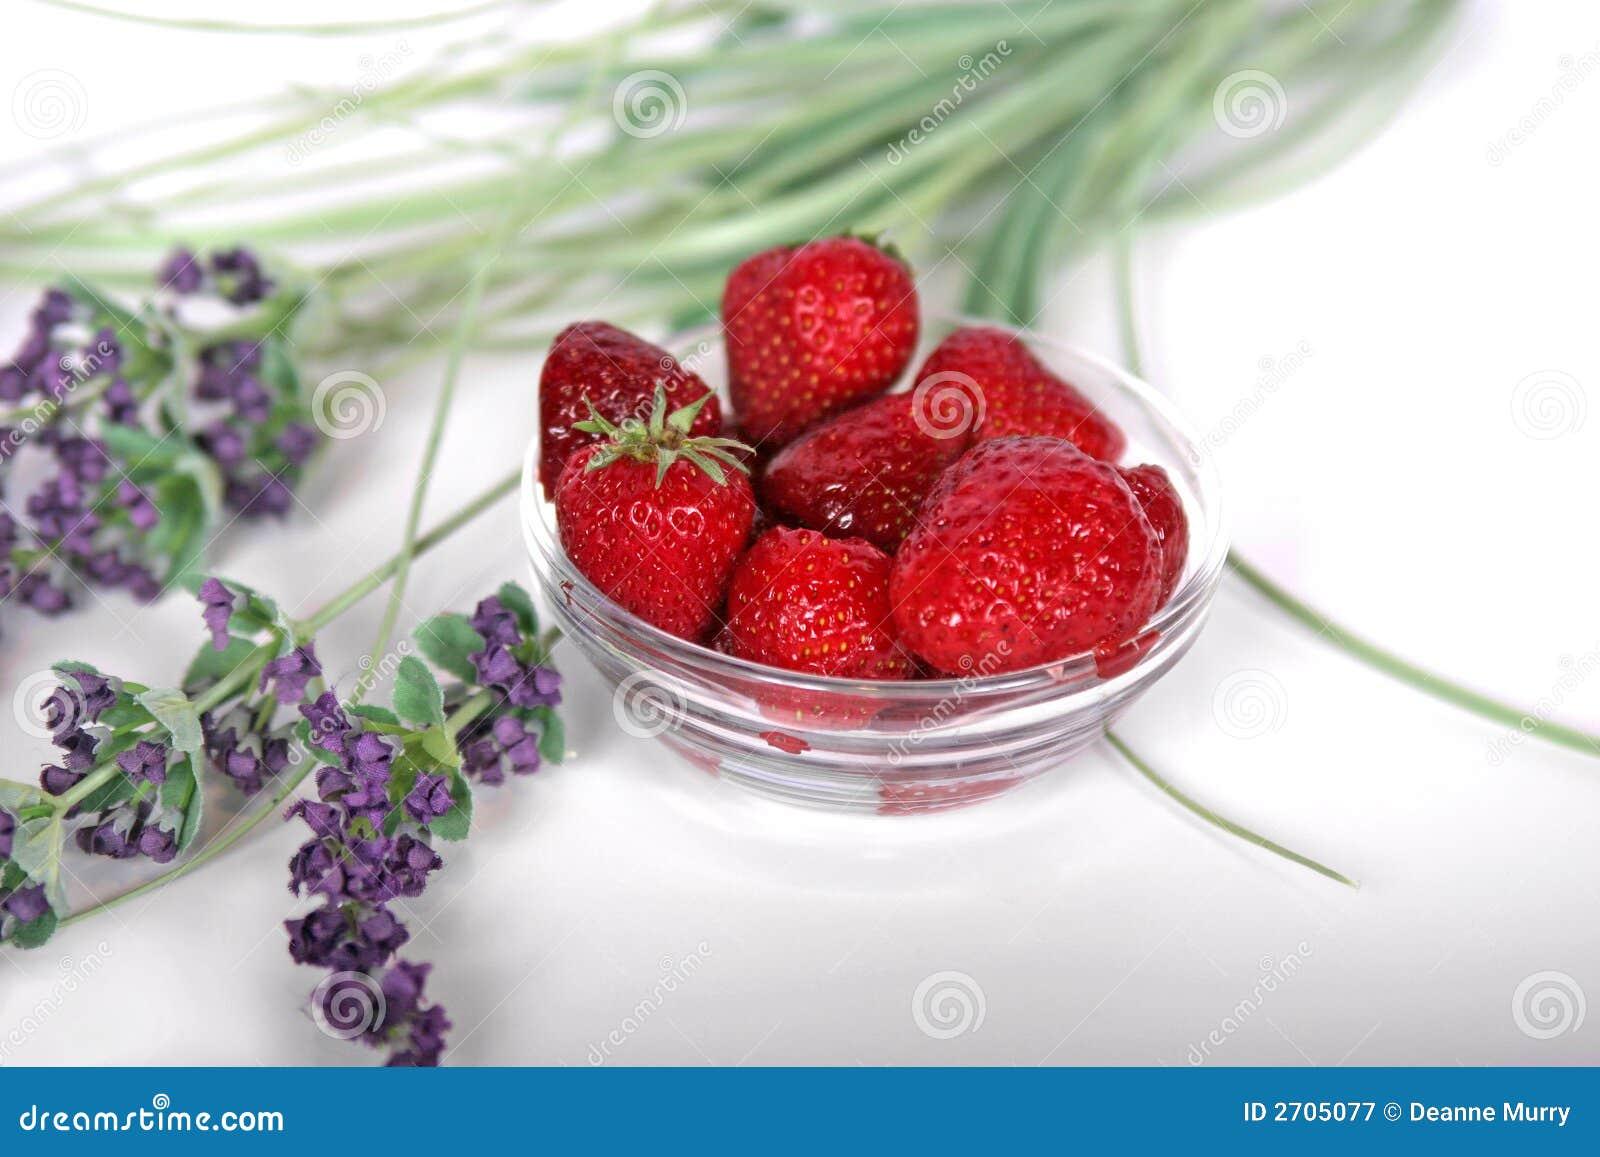 erdbeeren und lavendel stockbild bild von gesund erdbeeren 2705077. Black Bedroom Furniture Sets. Home Design Ideas